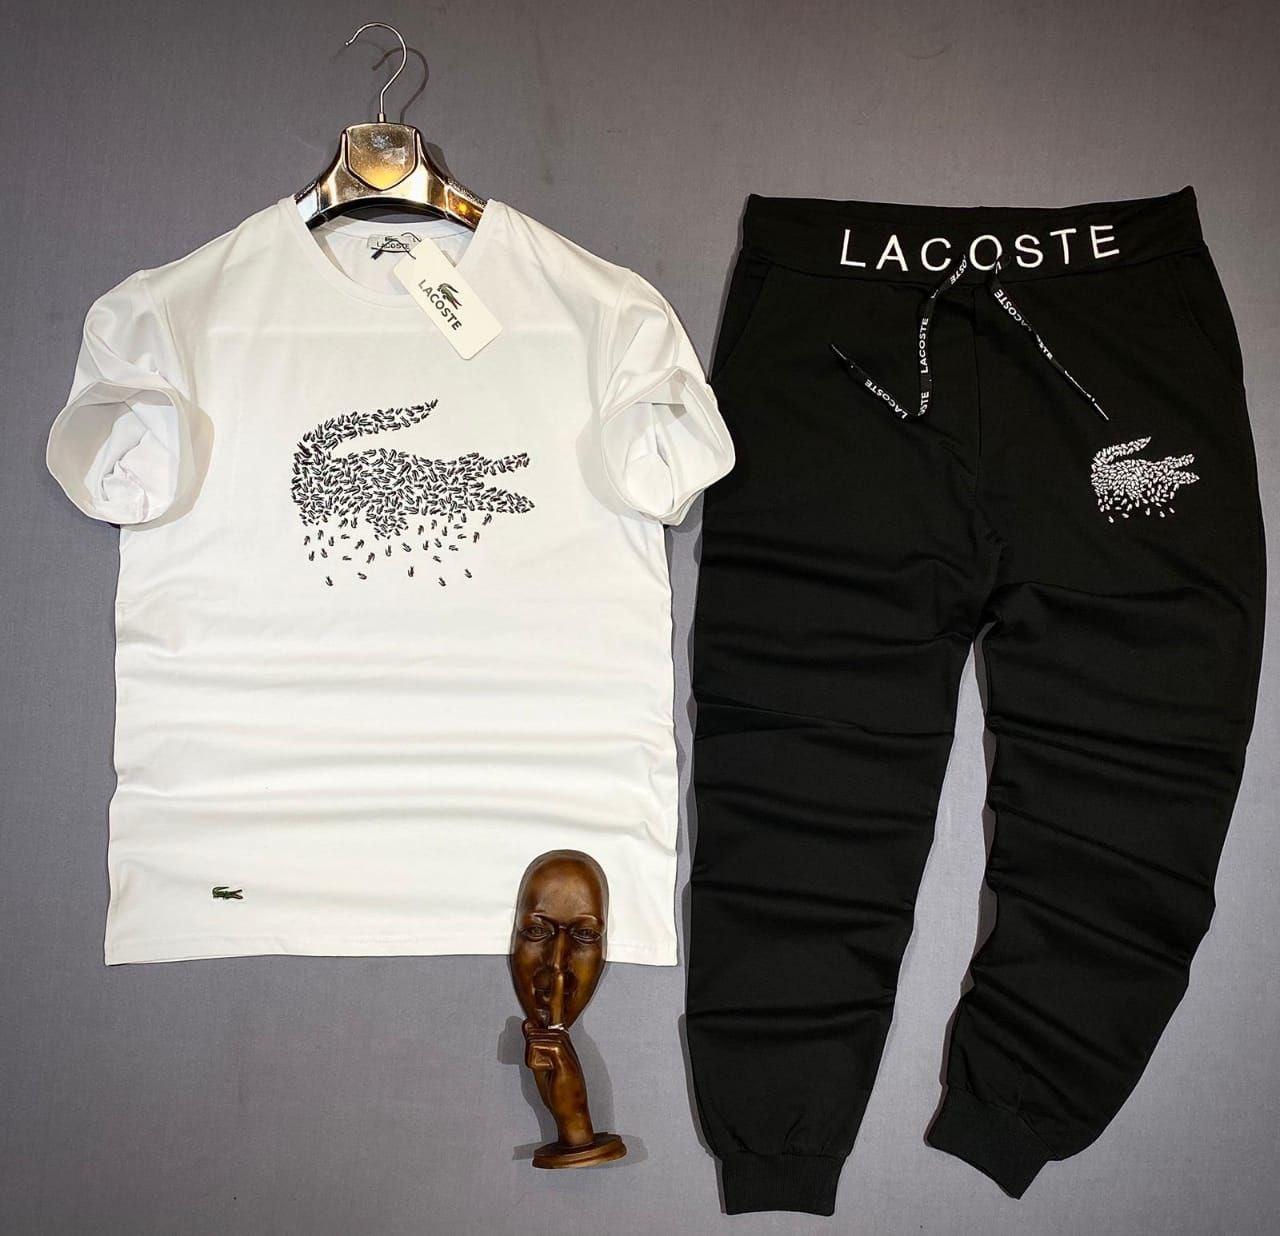 Мужской летний костюм Lacoste CK935 бело-черный